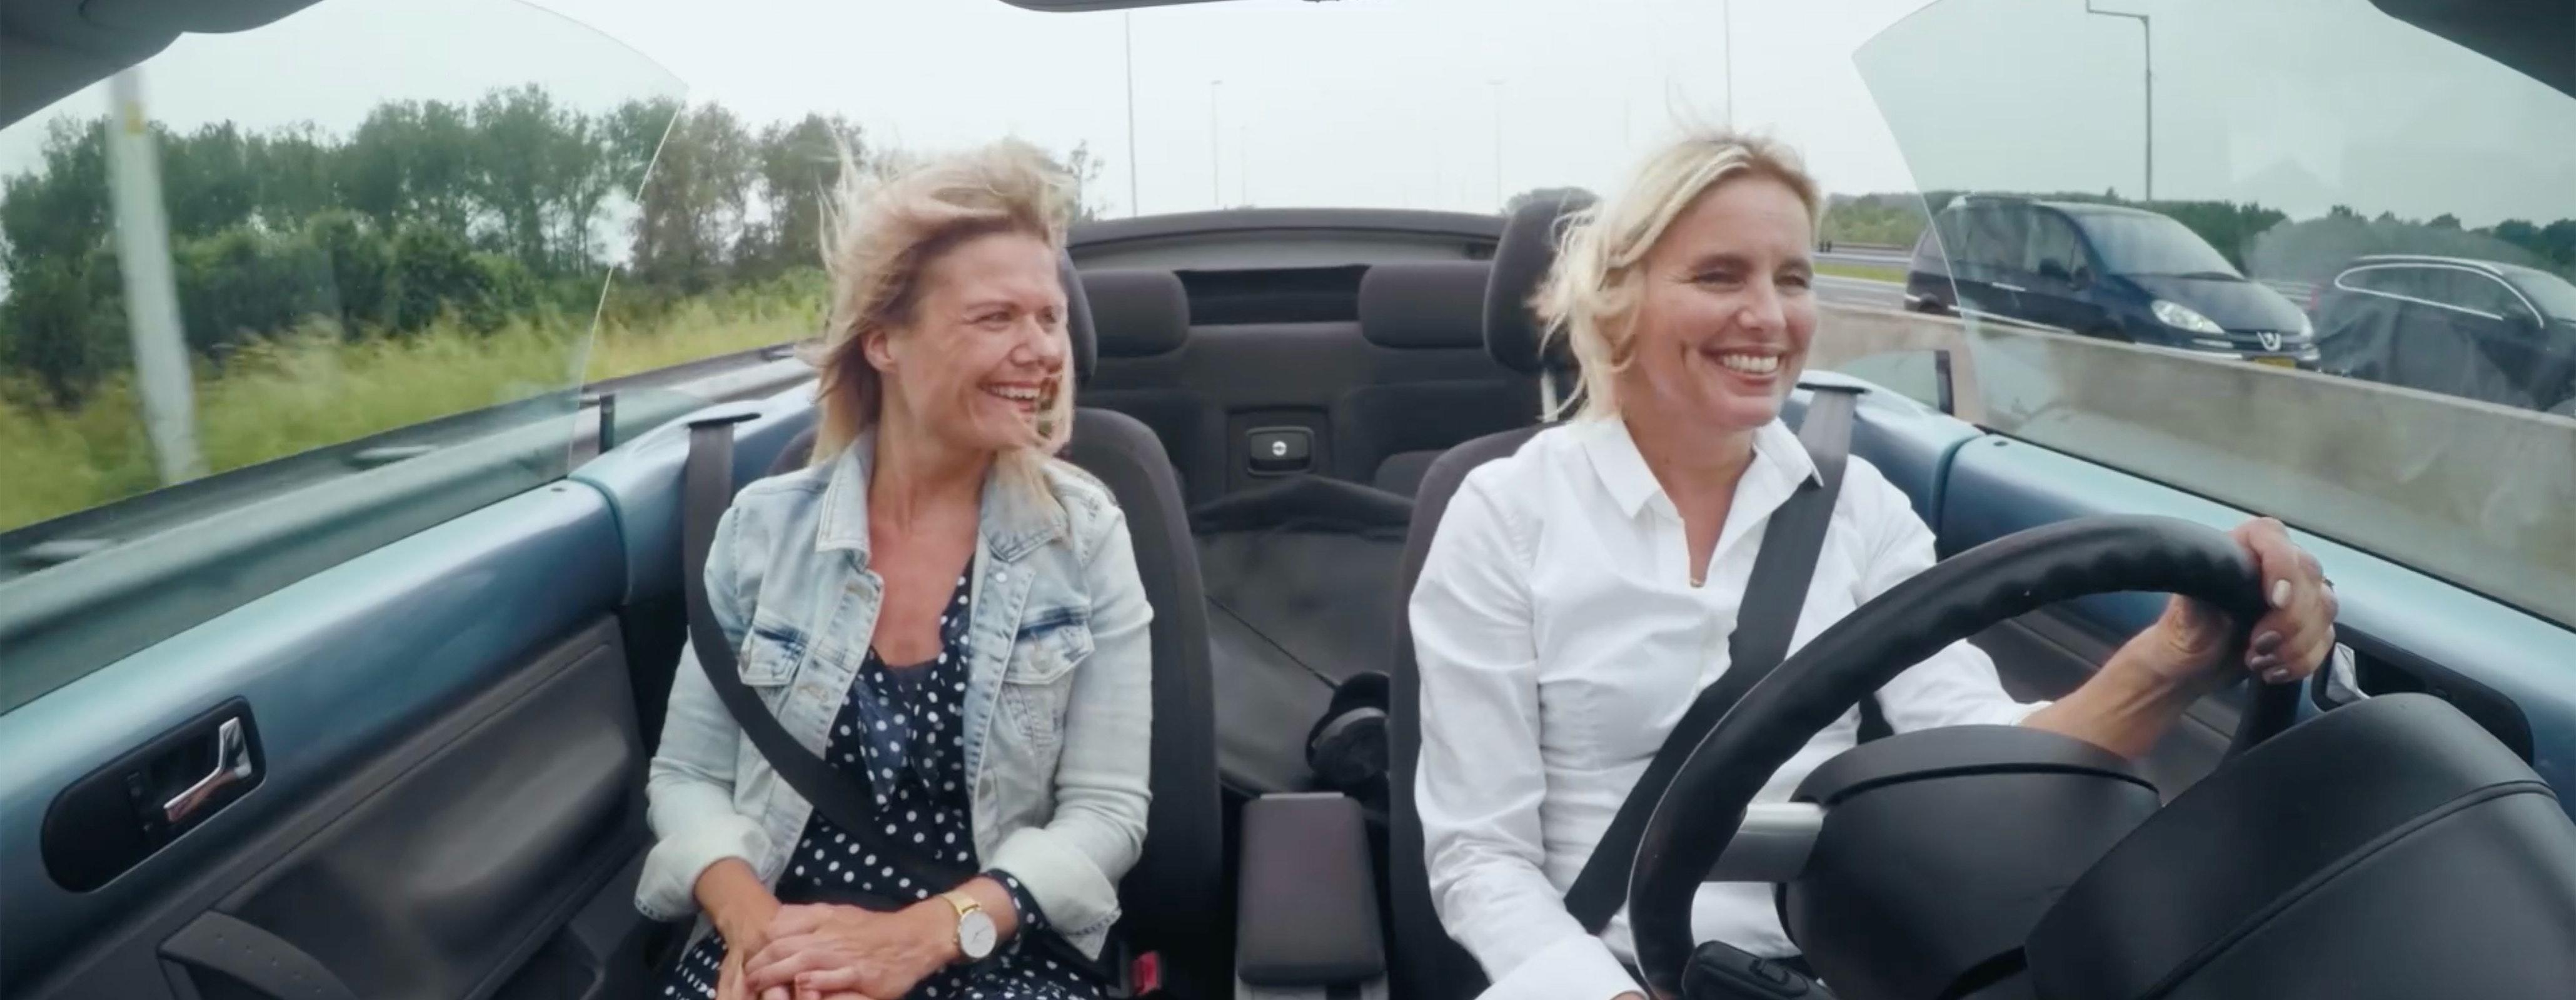 Odiel en Yvette in de auto